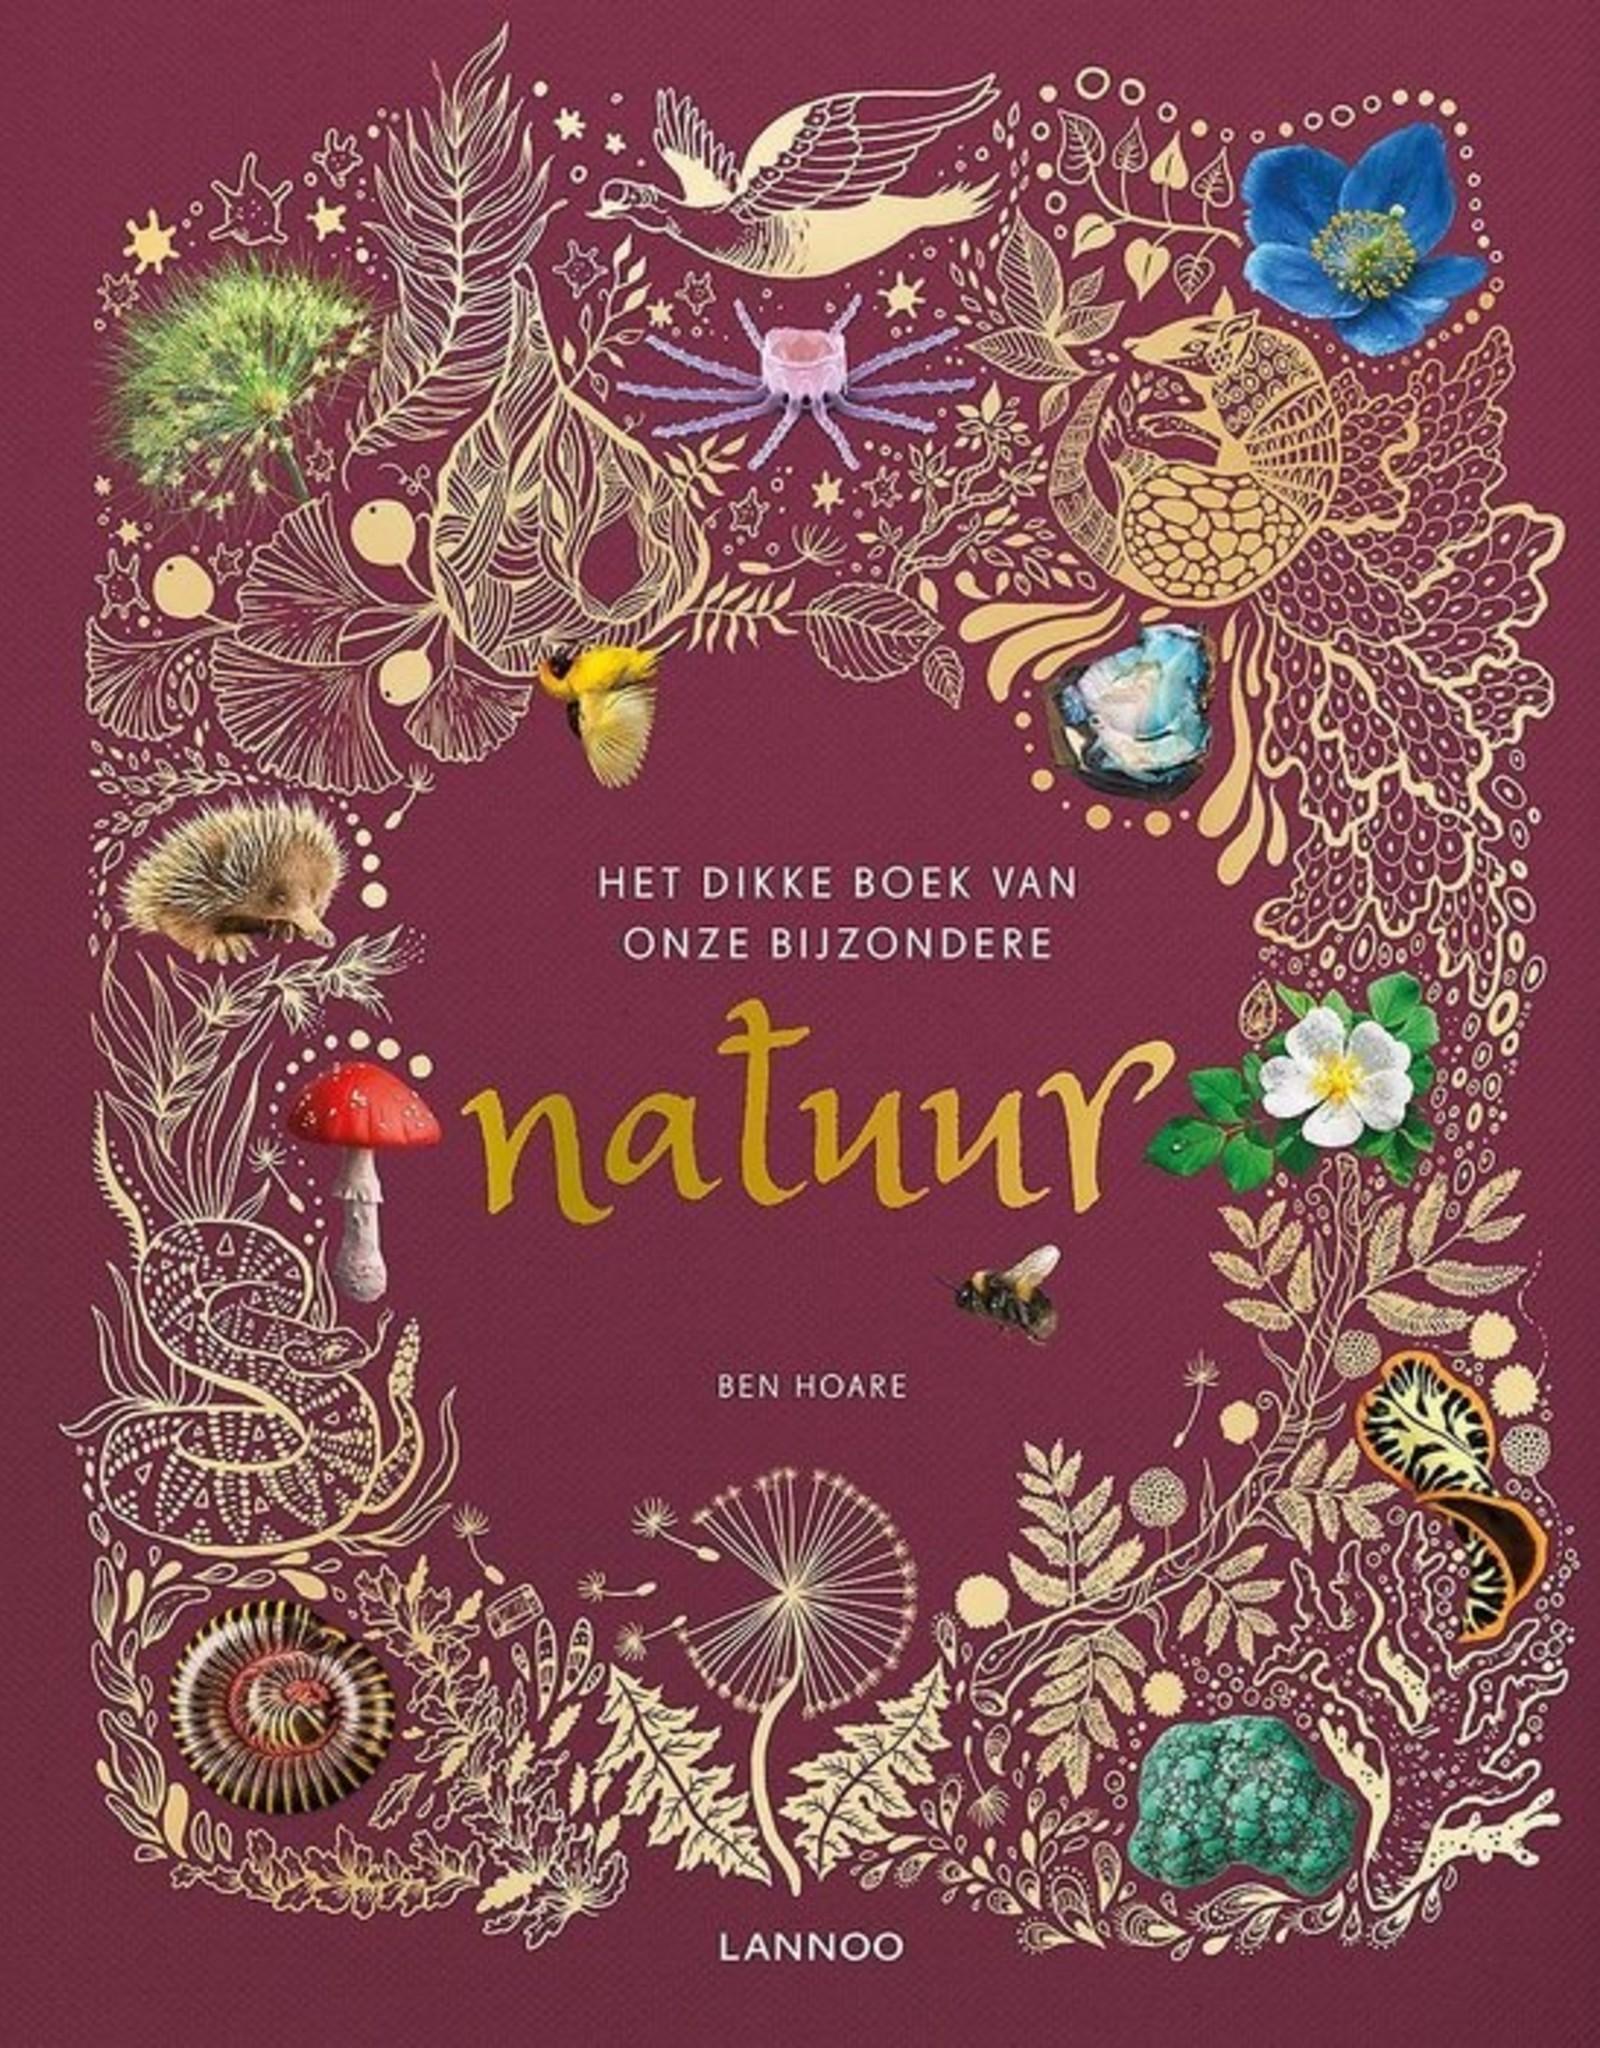 Het dikke boek van onze bijzondere natuur - Ben Hoare